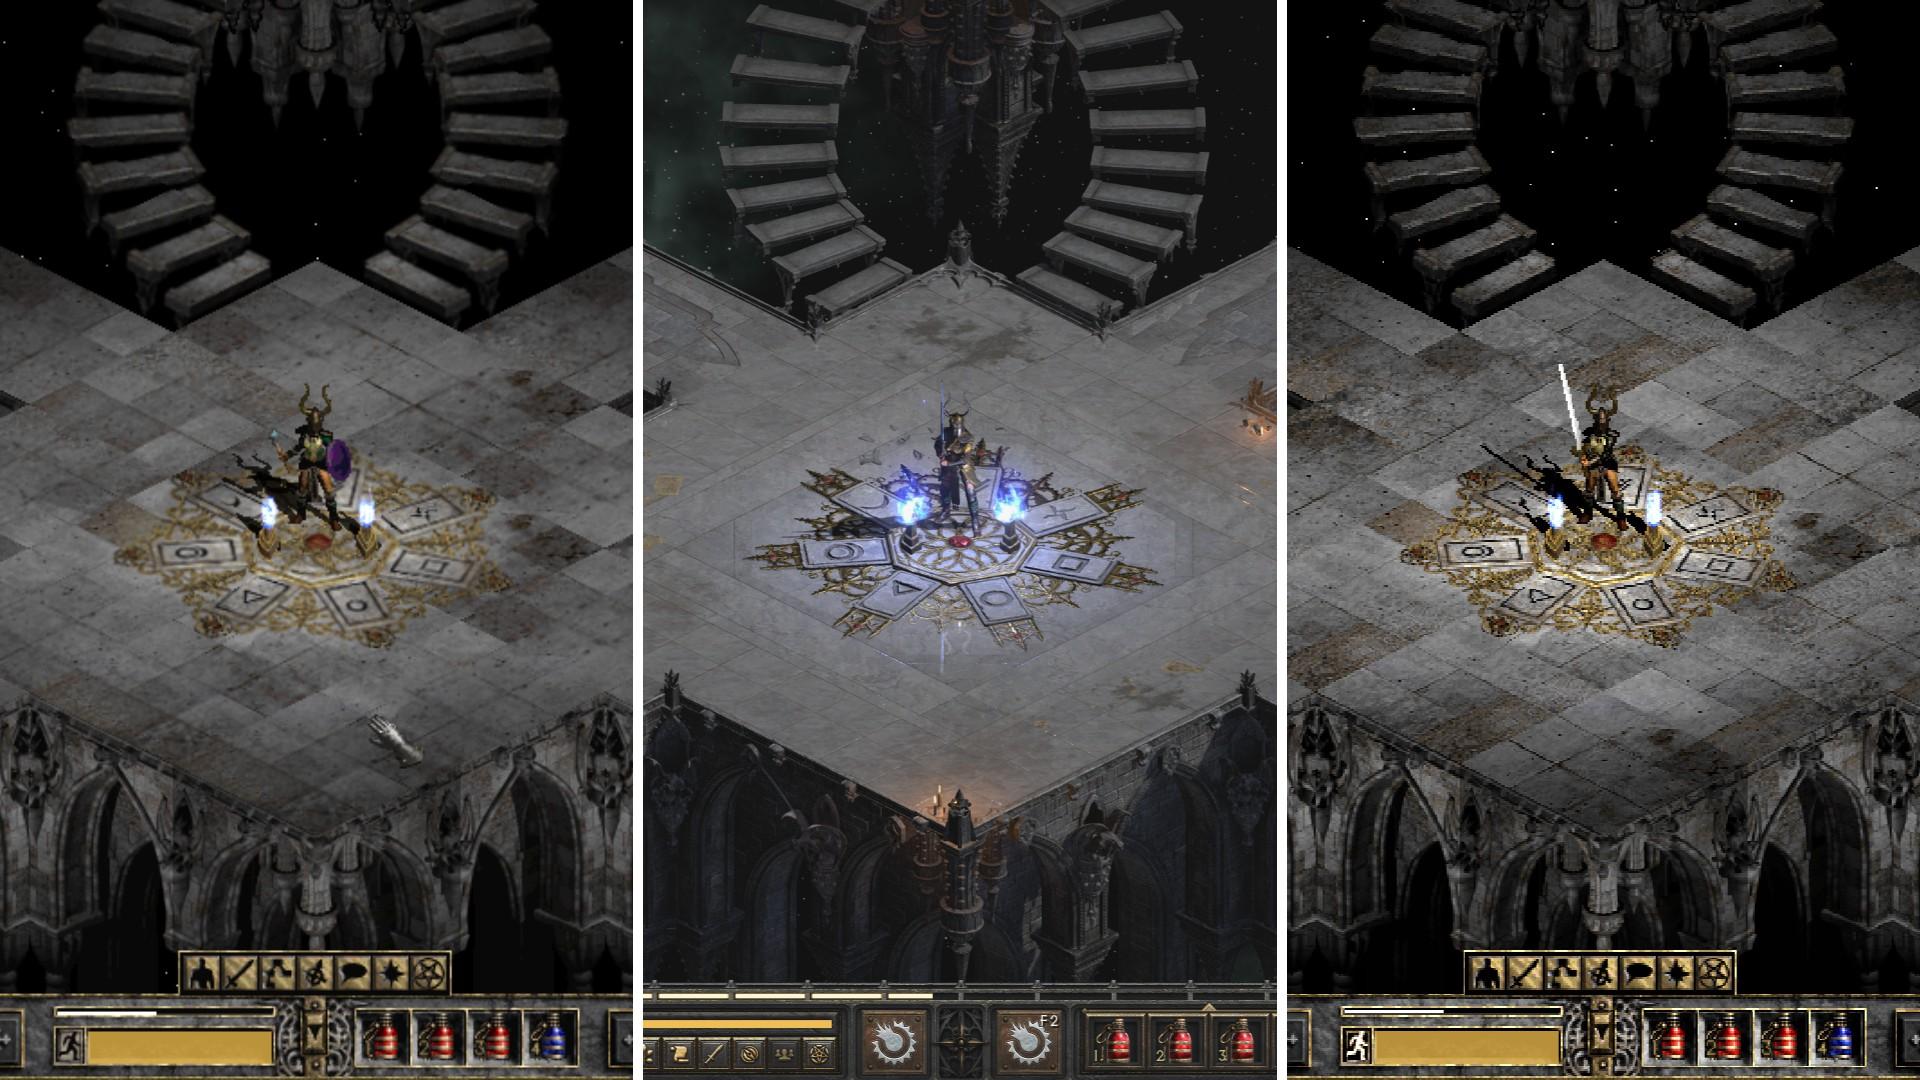 (Dari kiri) Bingkai dari game: Diablo II, Diablo II: Resurrected, dan Diablo II: Resurrected dalam versi lama